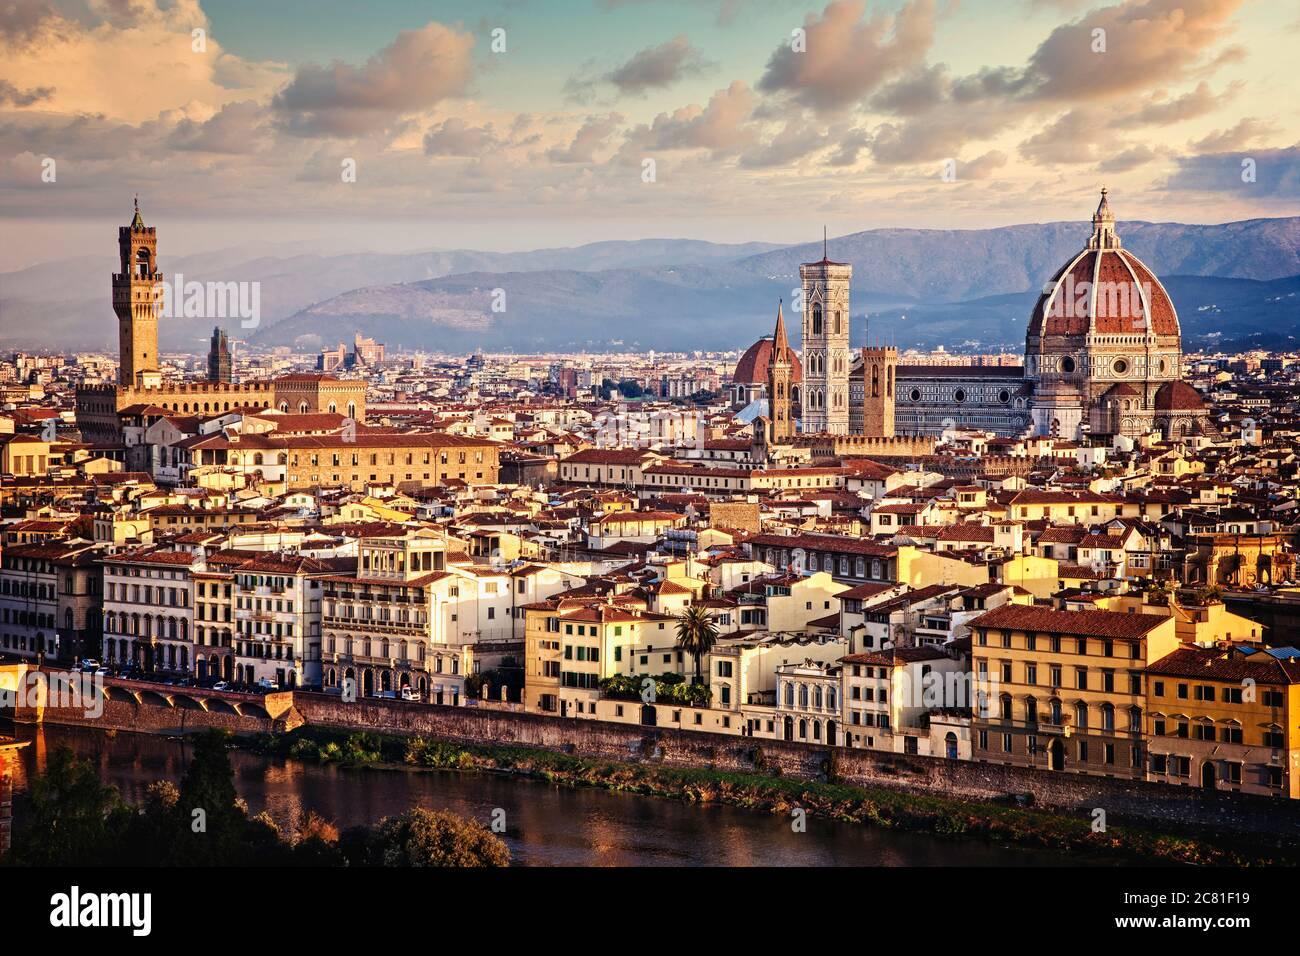 Am frühen Morgen Sonne breitet sich über Florenz, Italien mit den Arno im Vordergrund fließt. Stockfoto